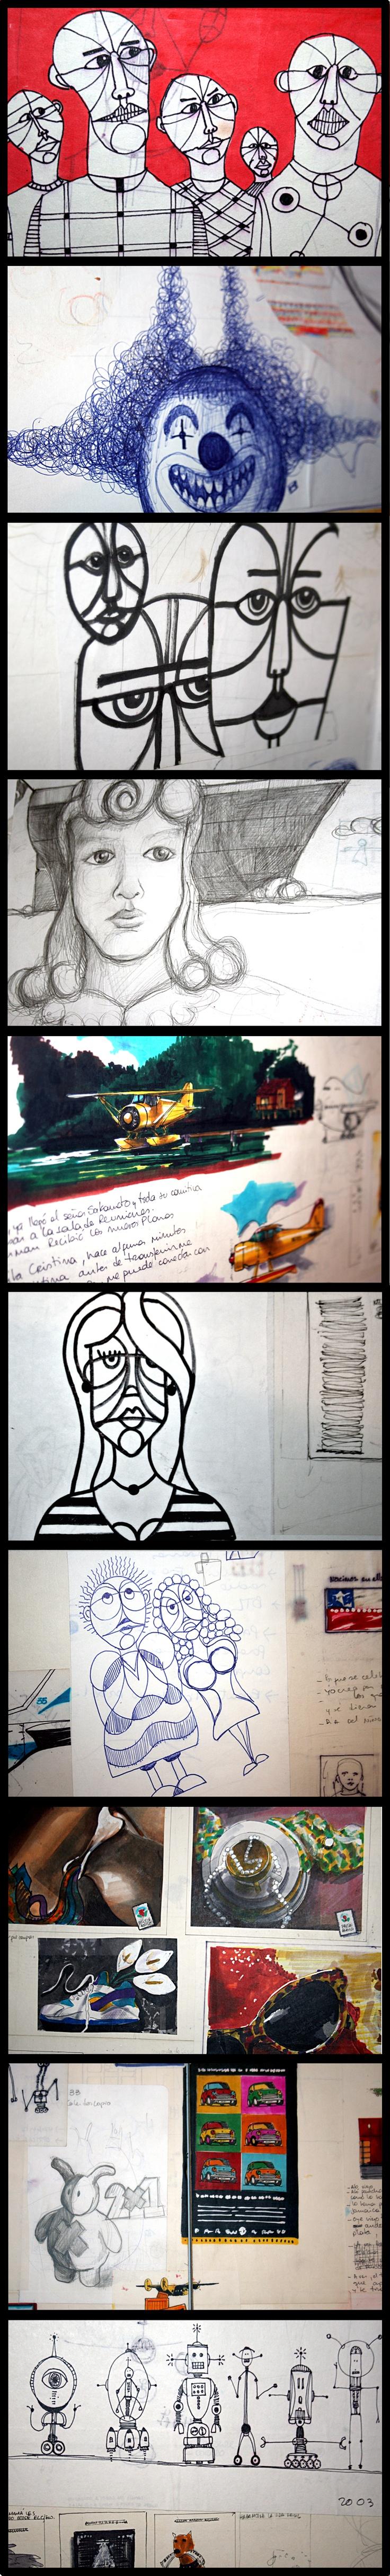 21 años de bocetos